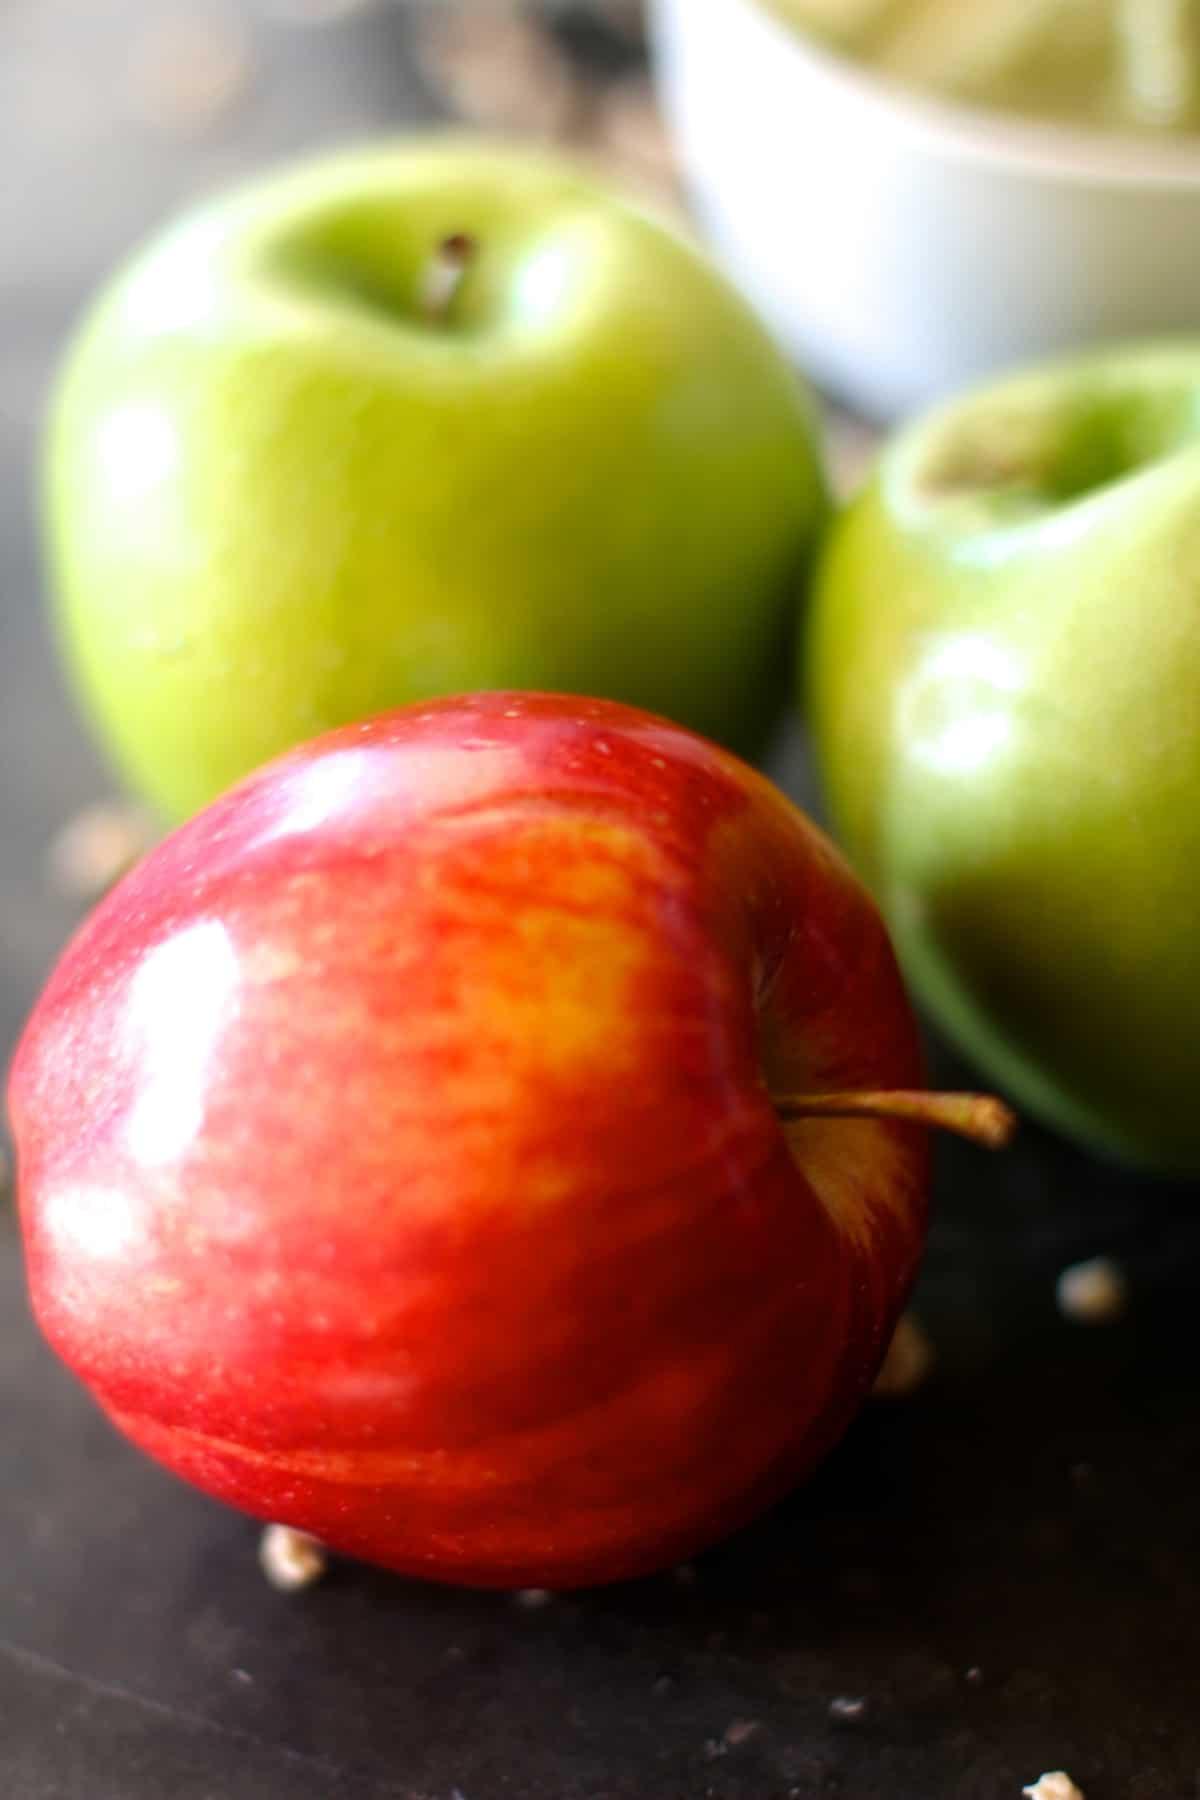 Fresh US grown apples